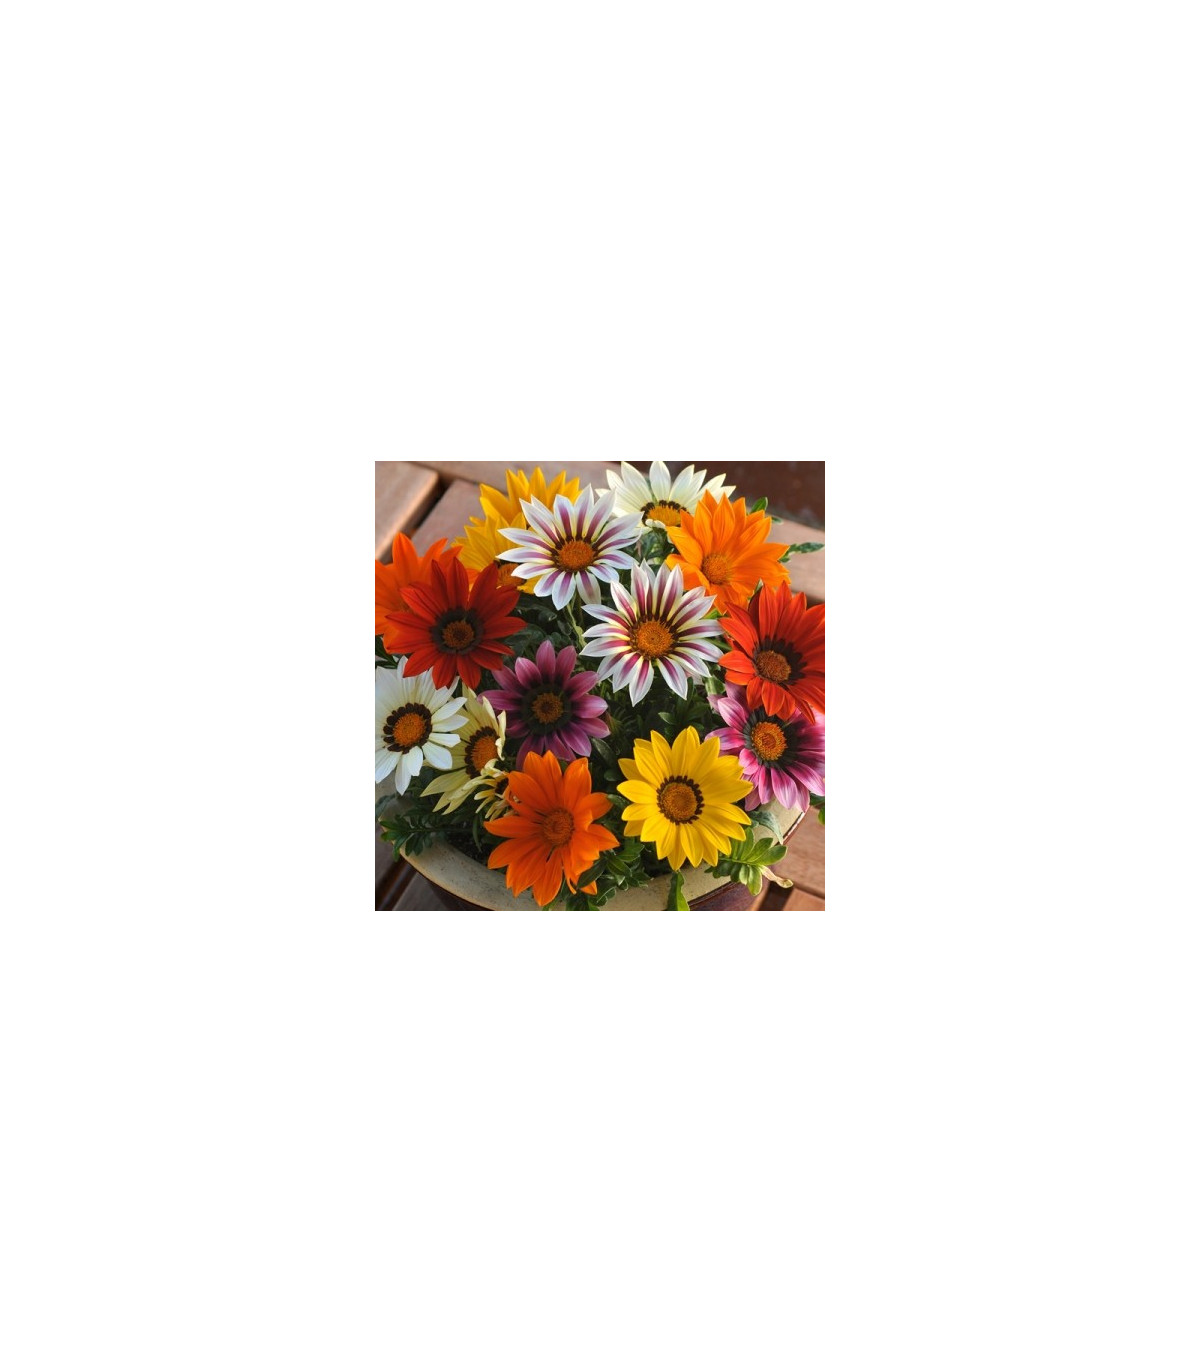 Gazánia žiarivá zmes farieb - Gazania splendes - predaj semien gazánie - 50 ks